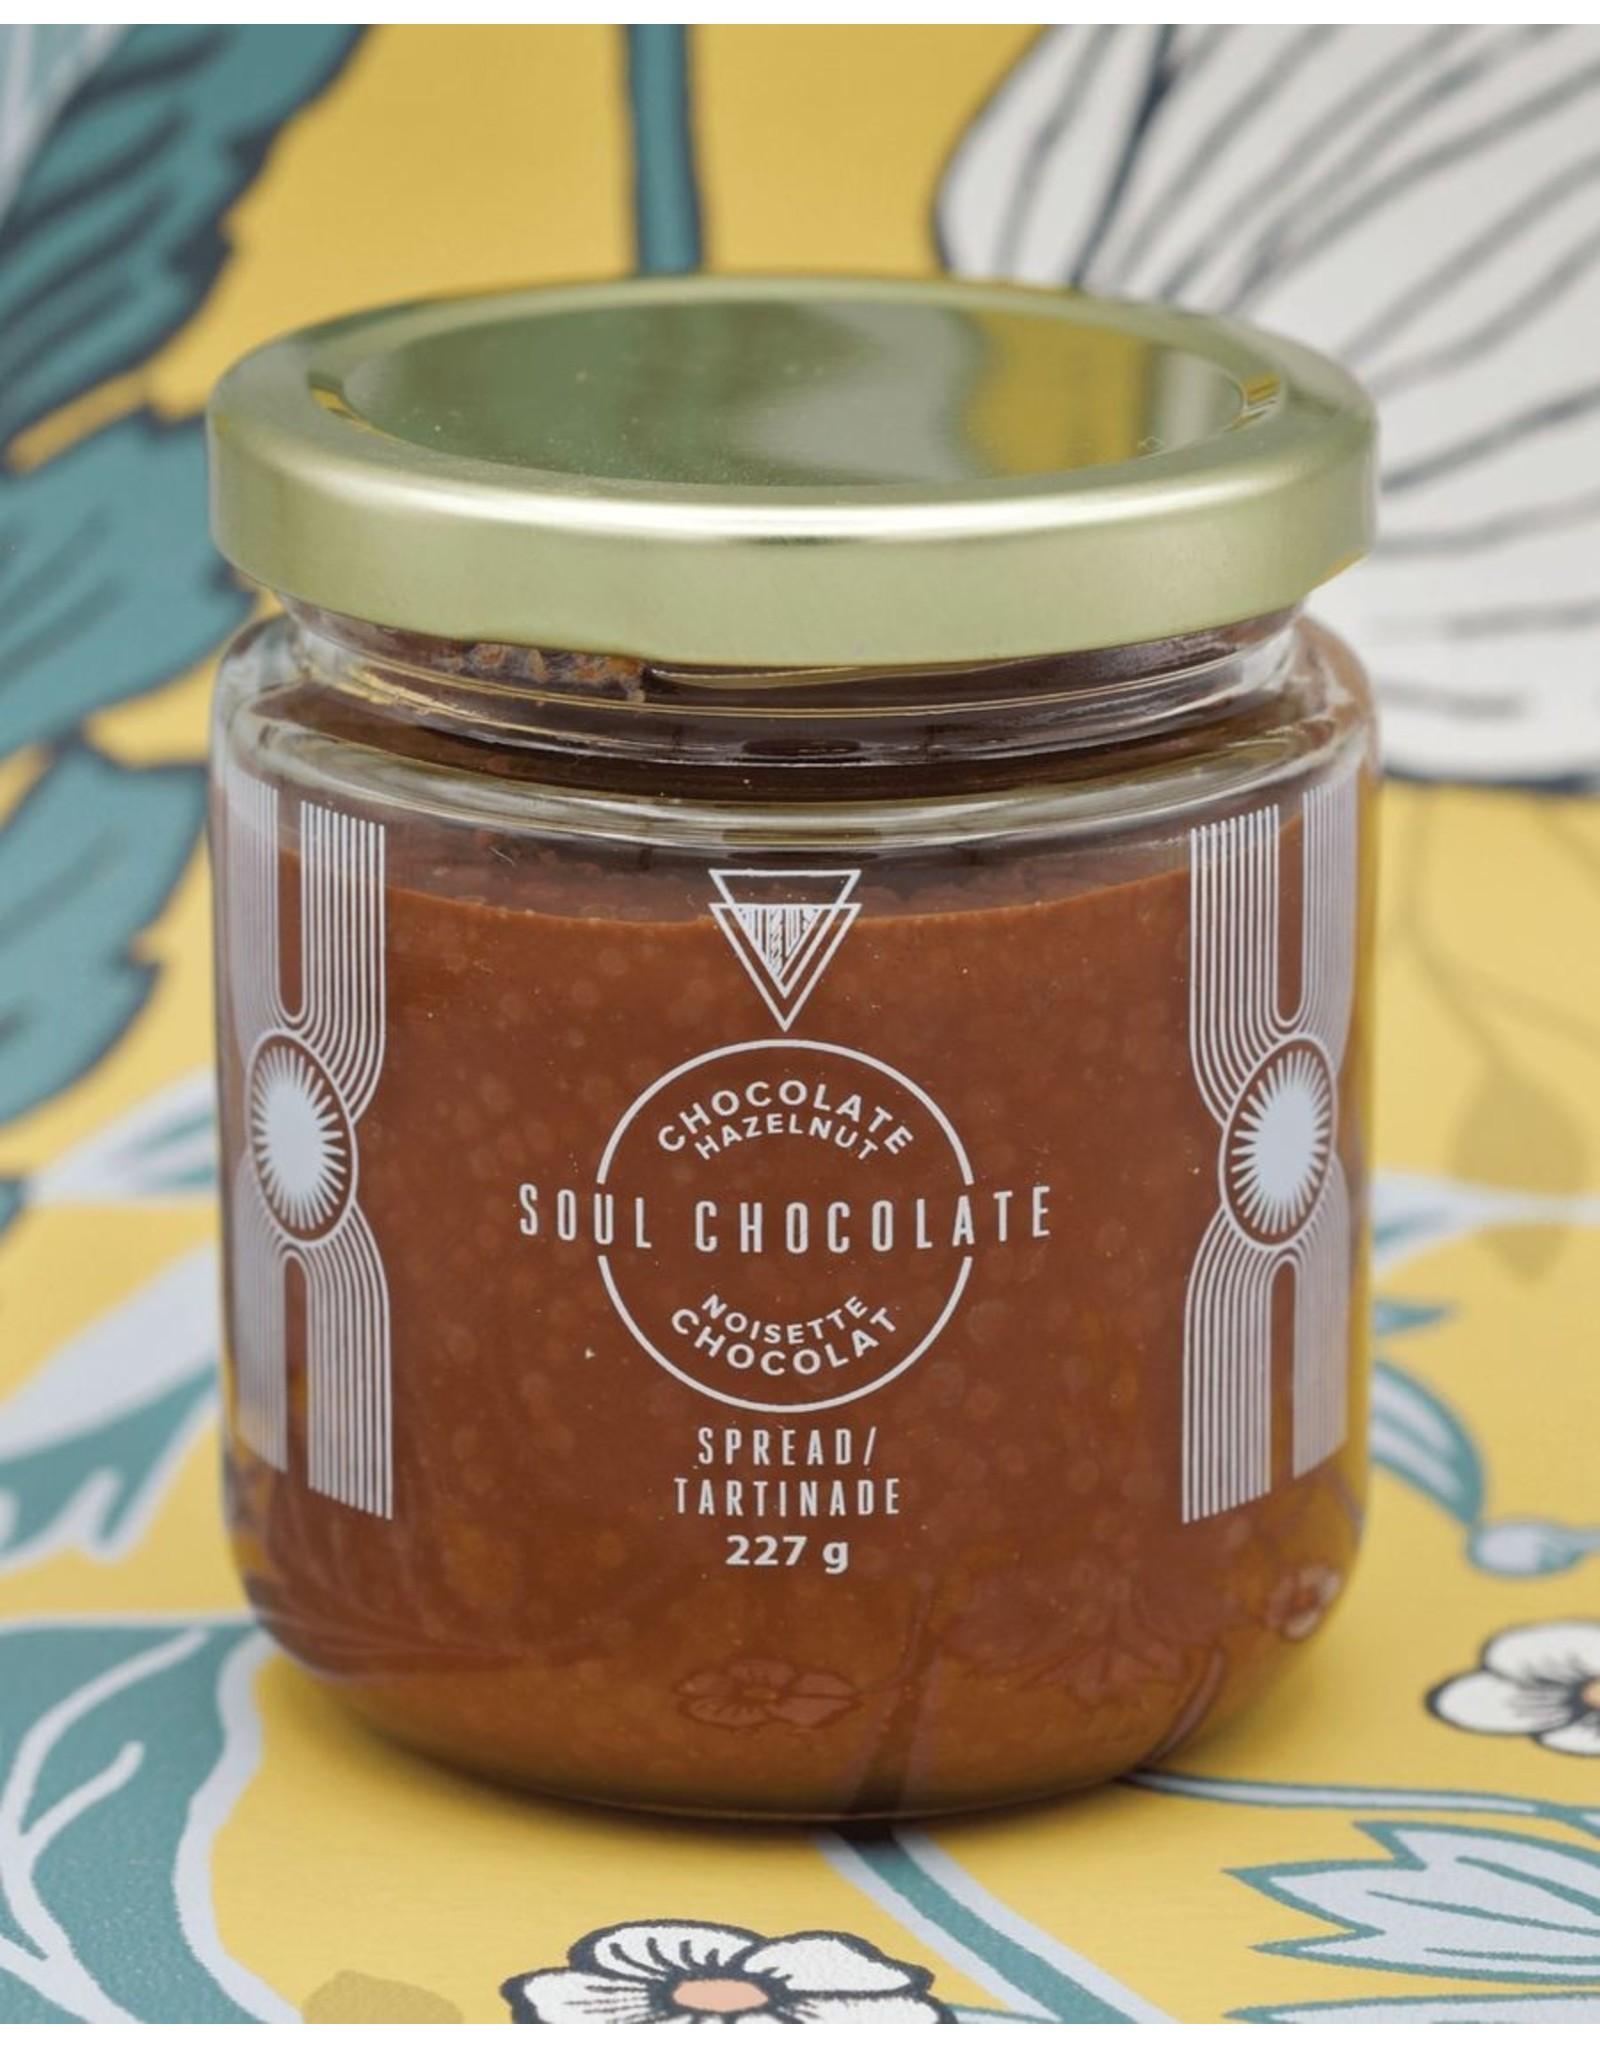 Soul Chocolate Soul Chocolate Hazelnut Spread (227g)